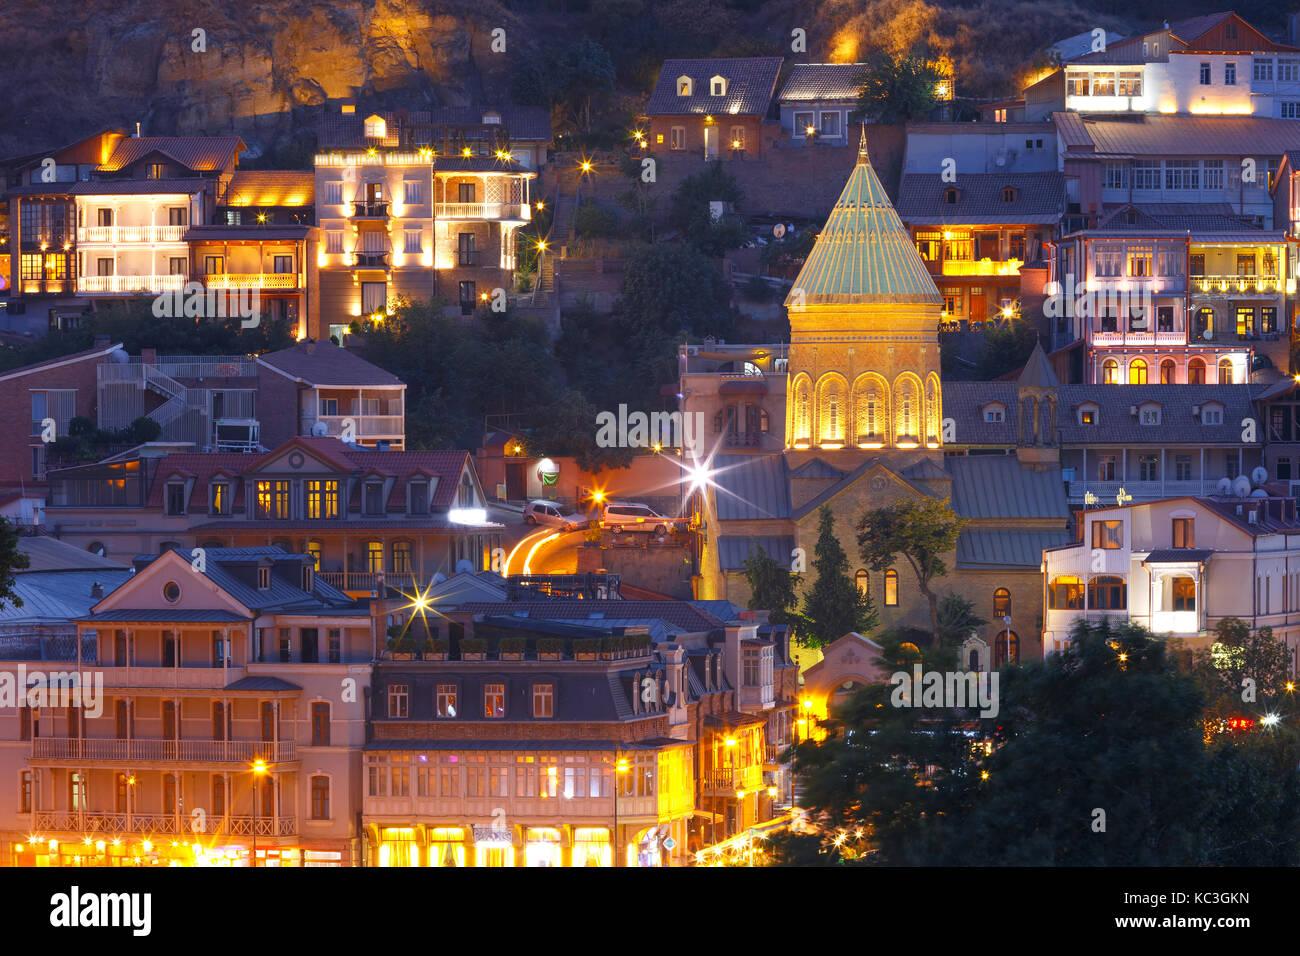 Tbilisi Georgia Police Stock Photos Tbilisi Georgia: Tbilisi Old Town Stock Photos & Tbilisi Old Town Stock